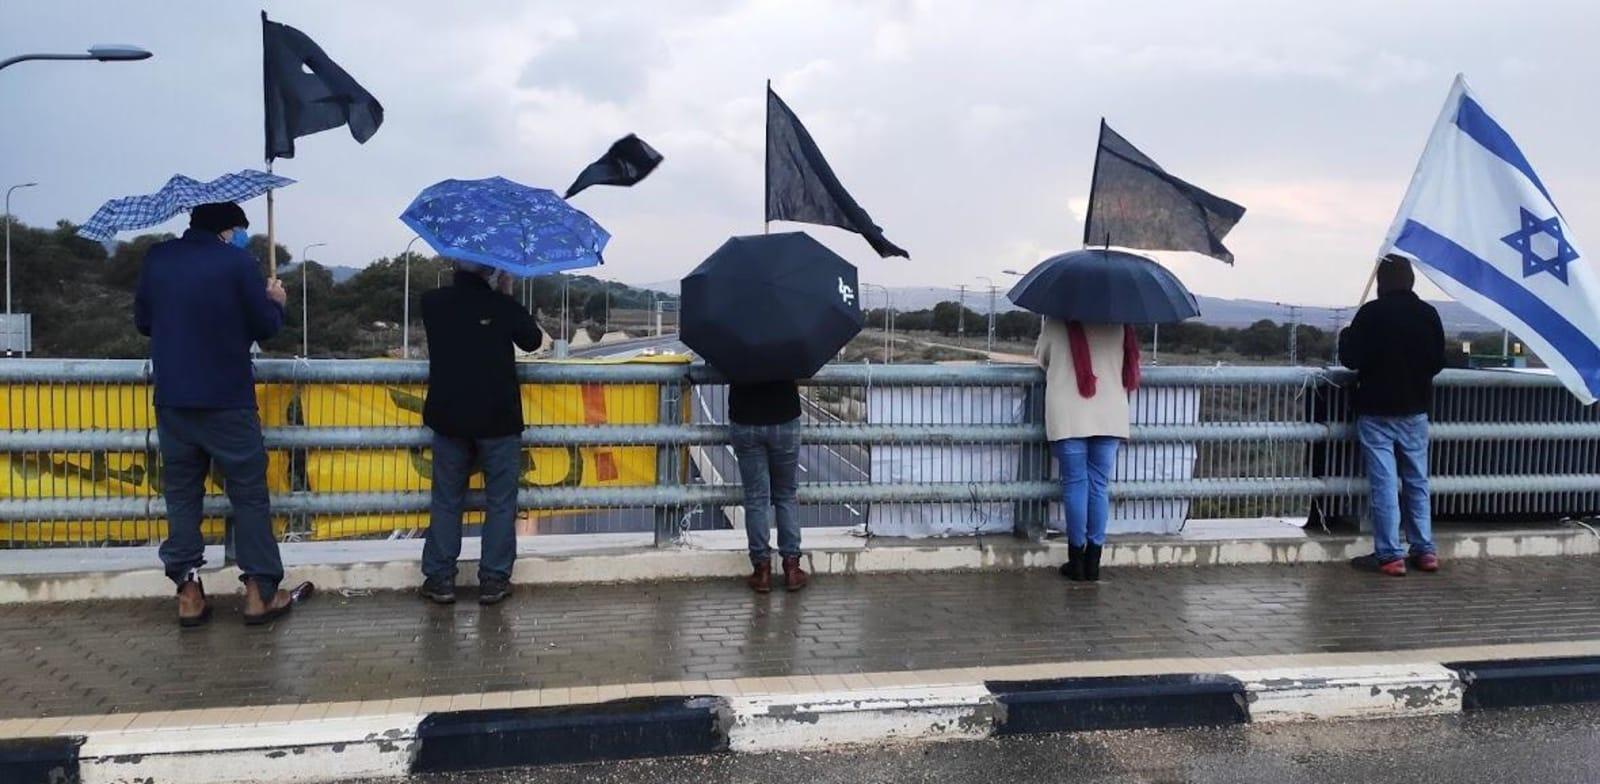 מפגינים נגד נתניהו והשחיתות השלטונית בצומת המוביל / צילום: הדגלים השחורים